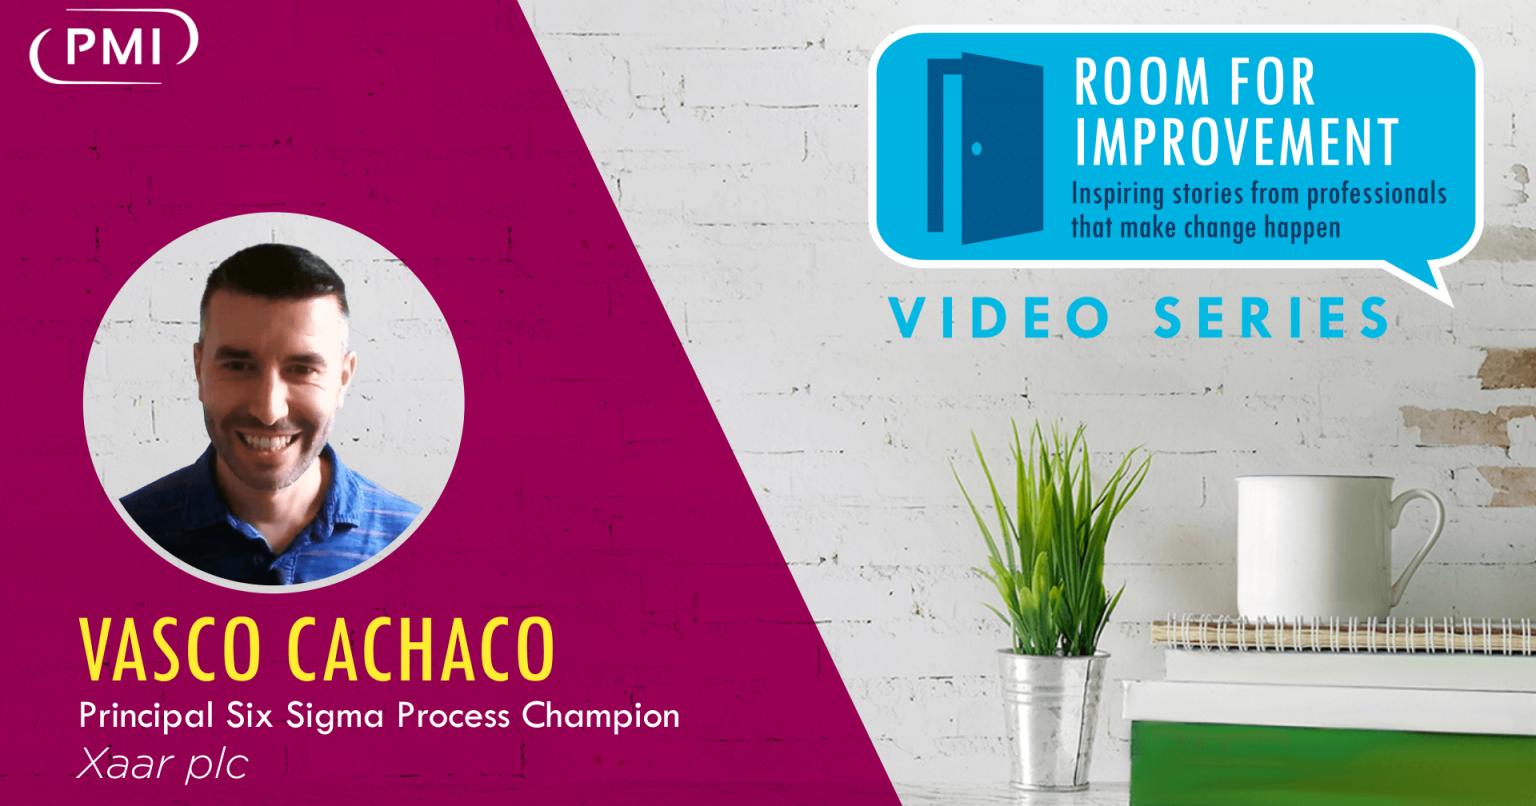 Room for Improvement – Episode #3: Vasco Cachaco, Xaar plc